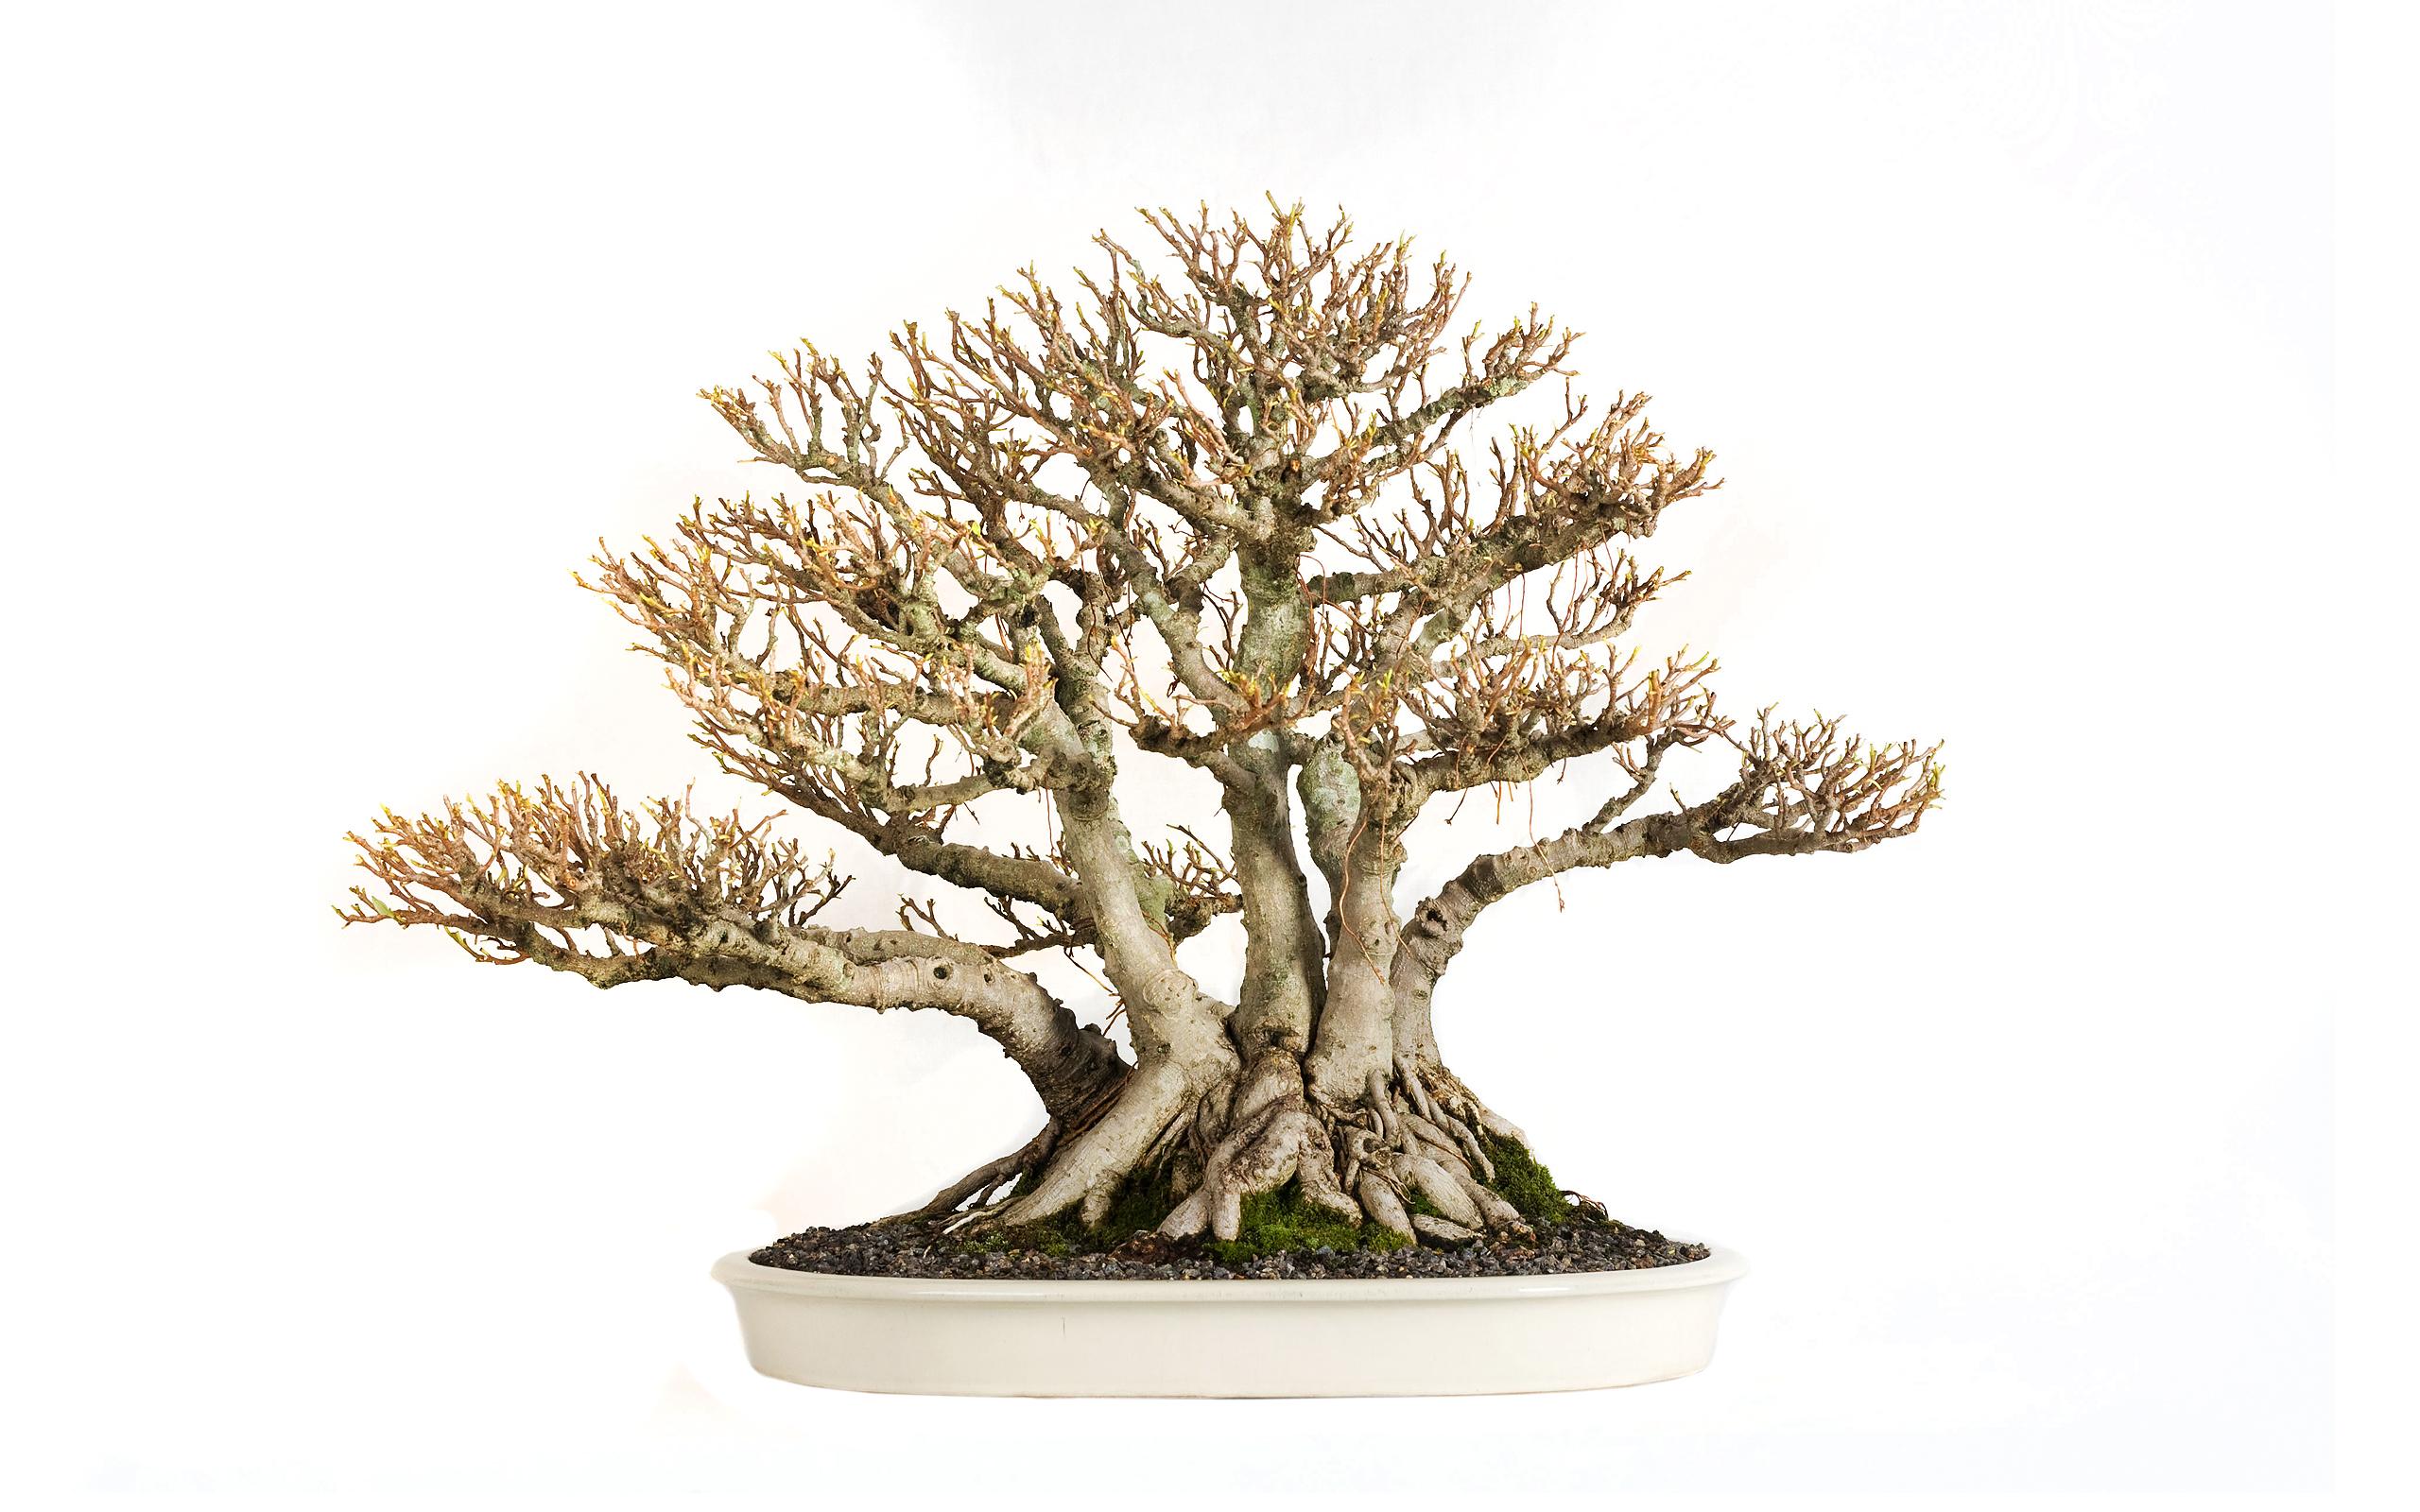 bonsai wallpaper 03 ndash - photo #12